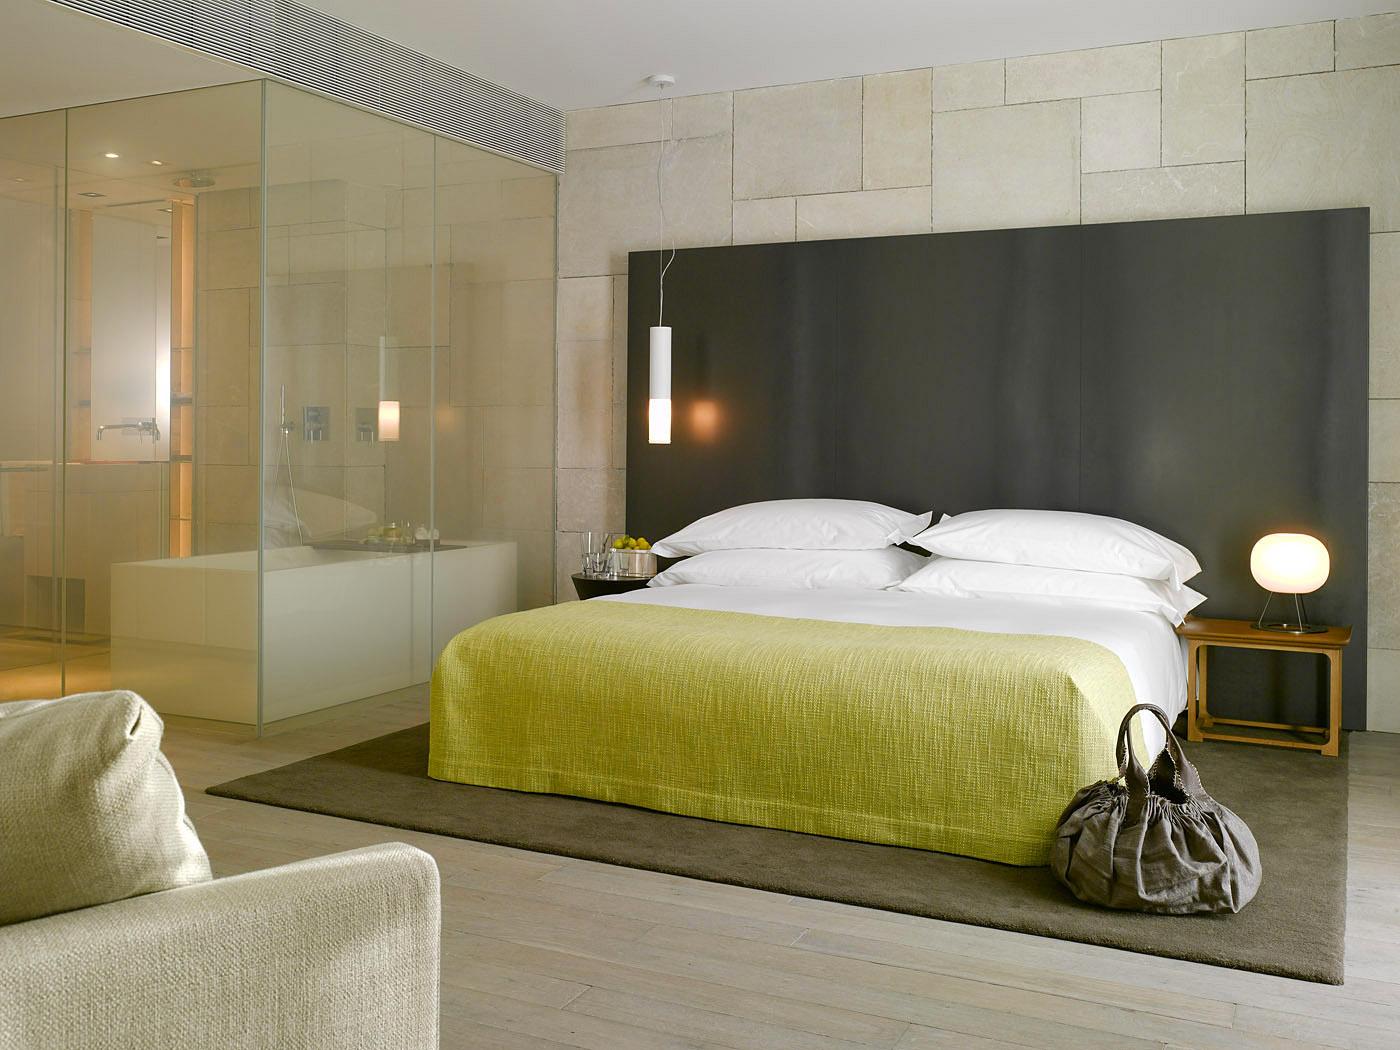 חדר אקזקיוטיב -מלון ממילא ירושלים